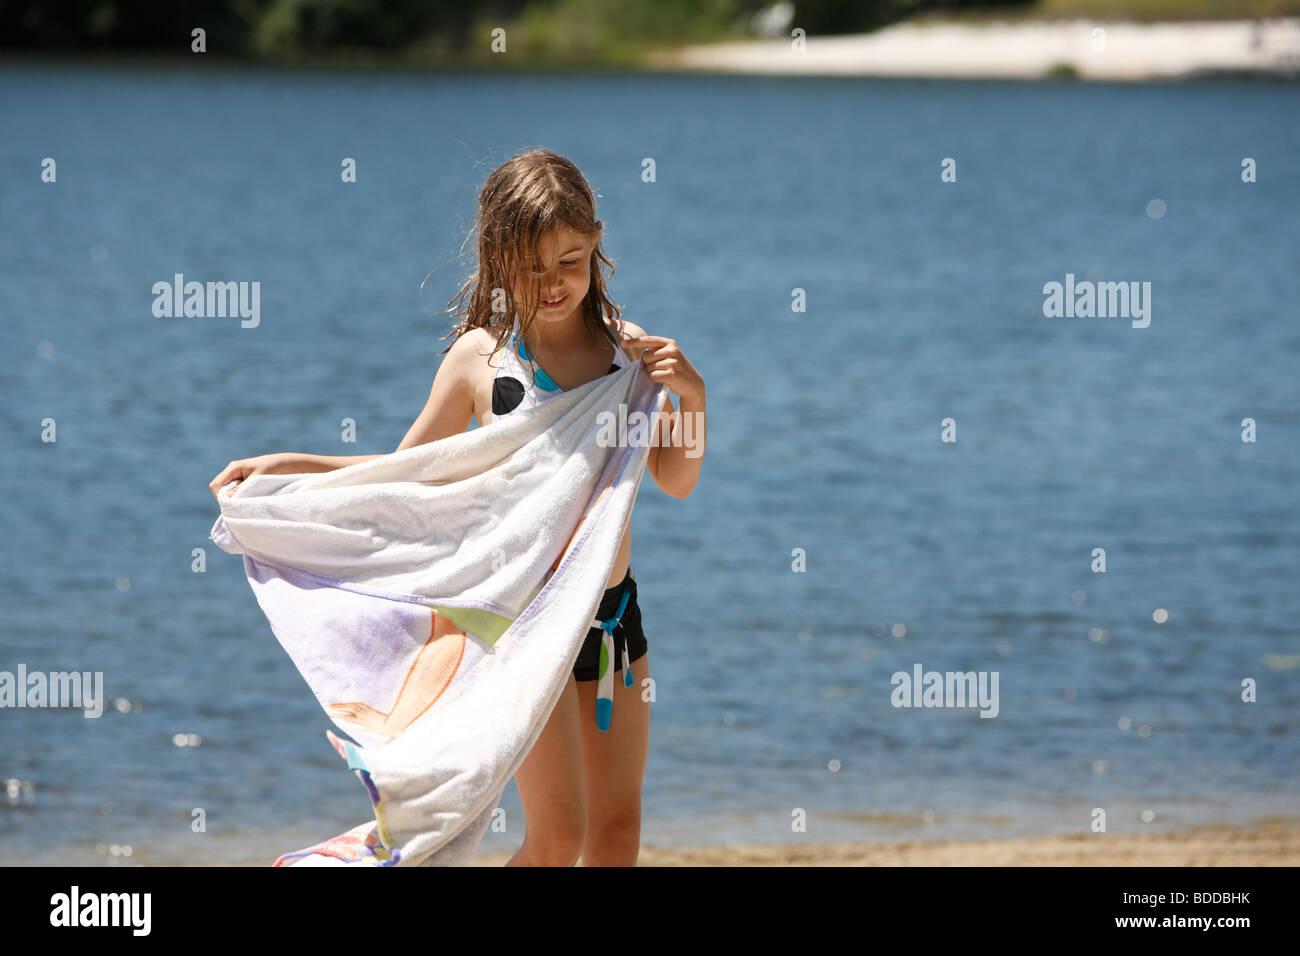 Mädchen mit Handtuch am Strand Stockfoto